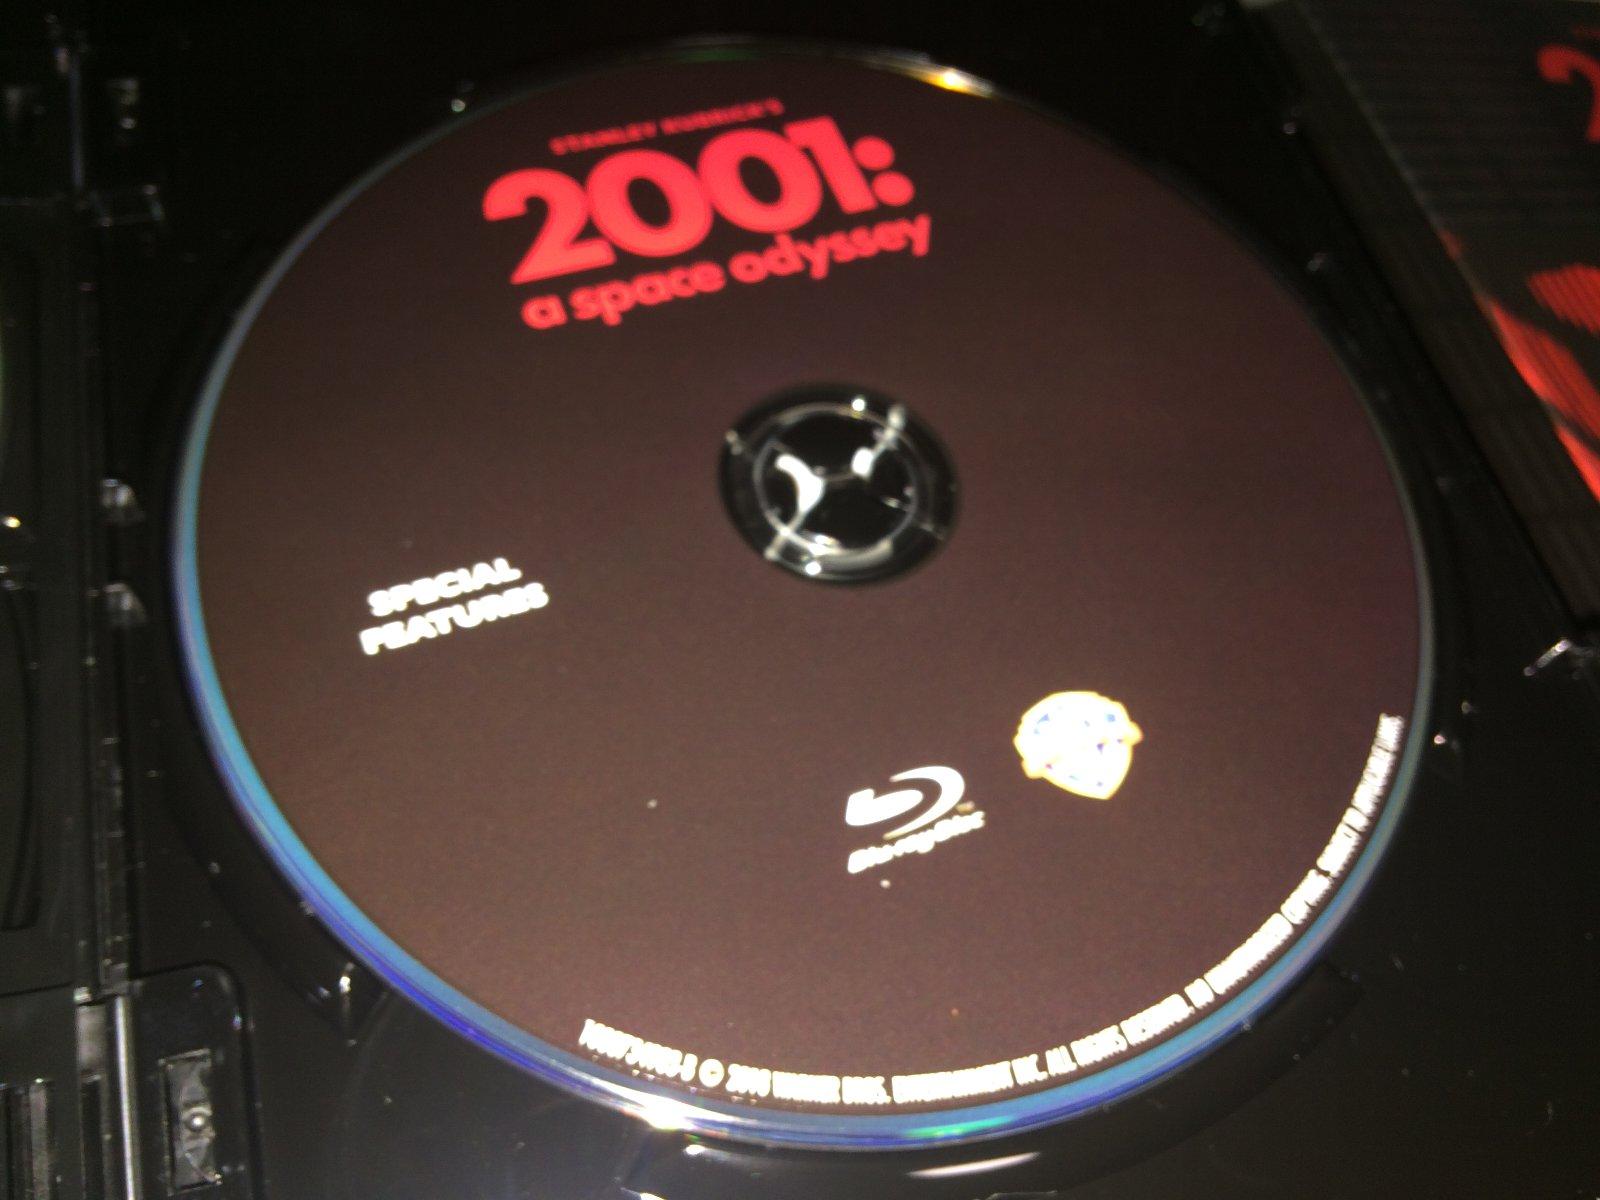 『2001年宇宙の旅』リマスターBD盤